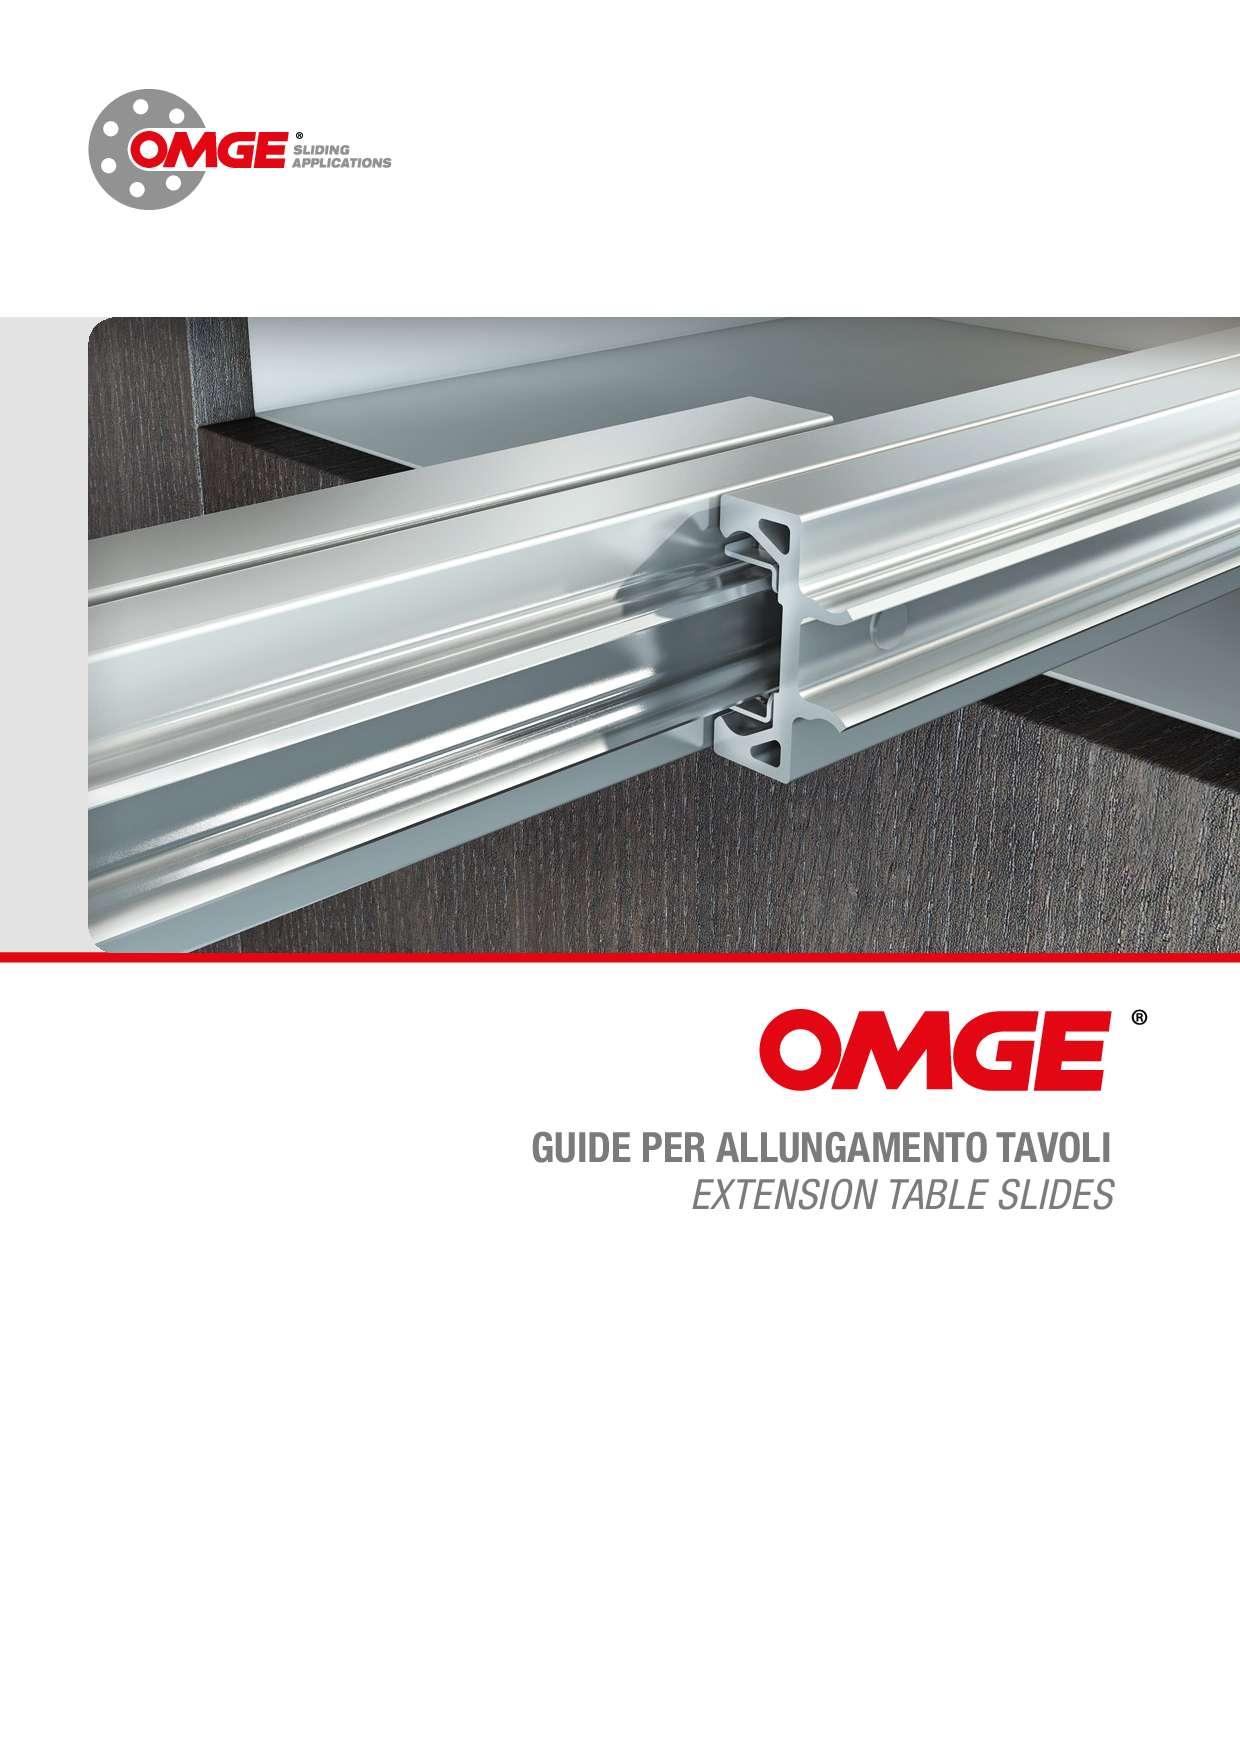 Catalogo guide per allungamento tavoli di OMGE